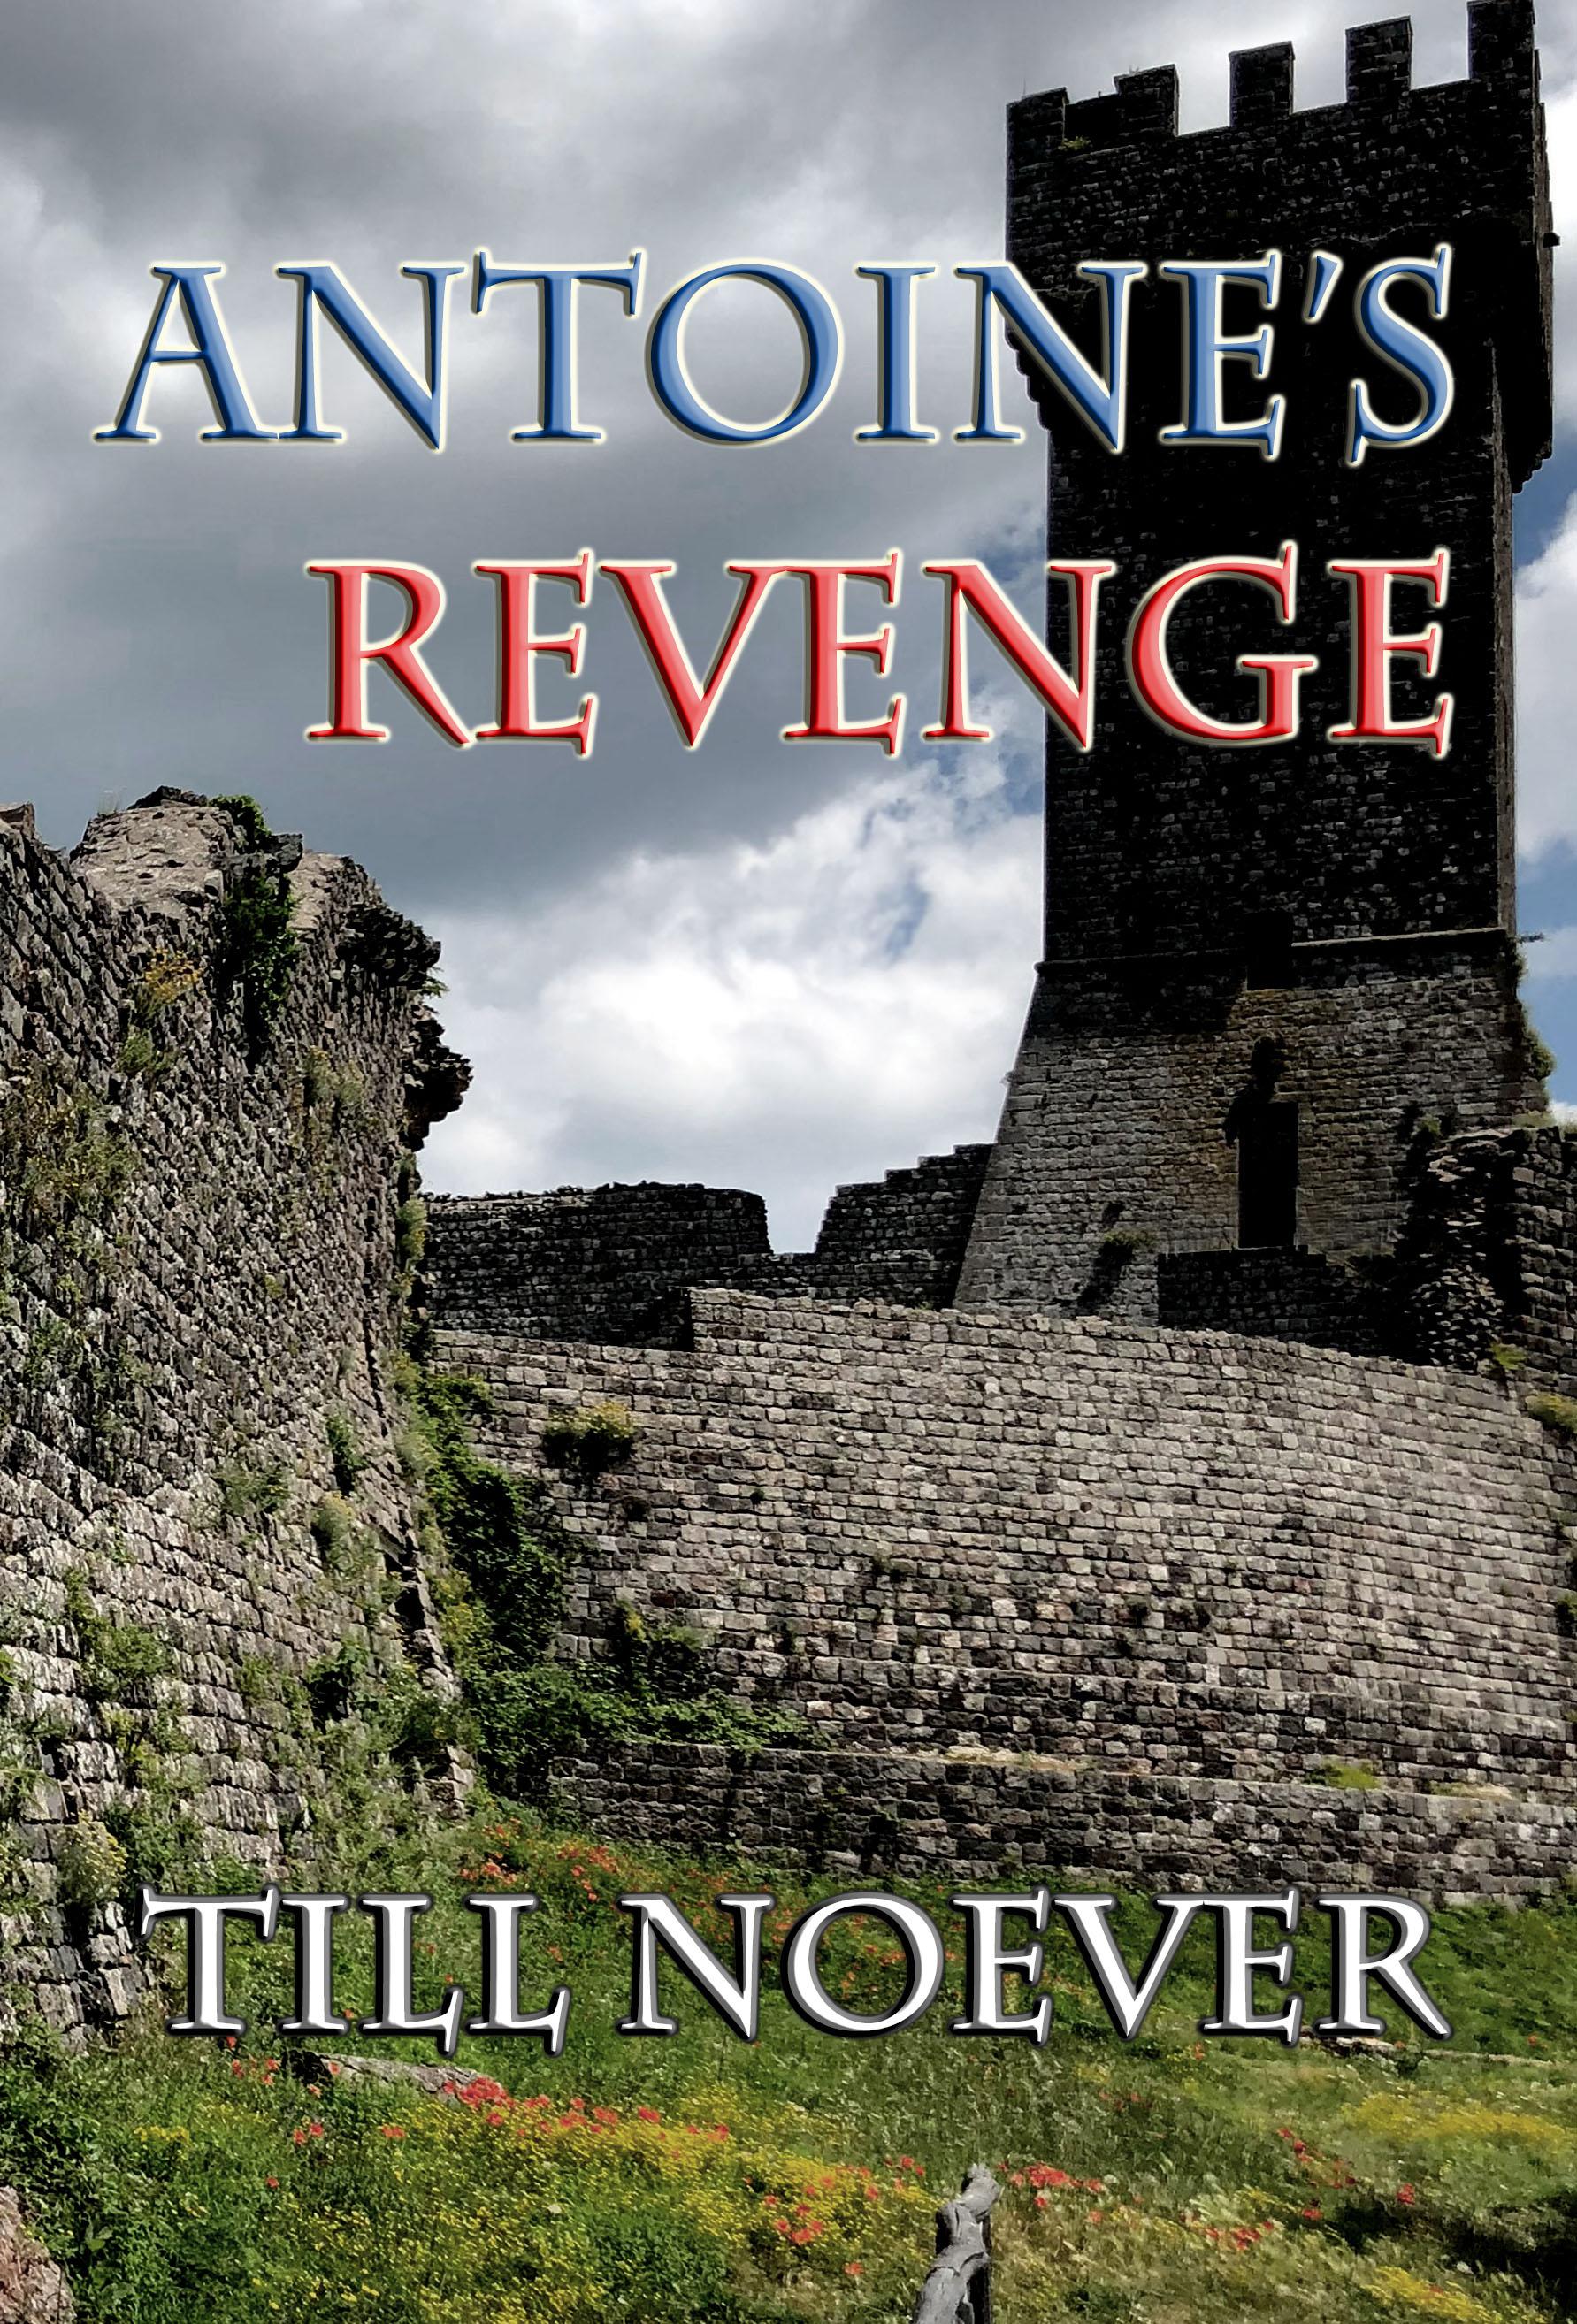 Antoine's Revenge-AMAZONKINDLE COVER v2.0 mq.jpg